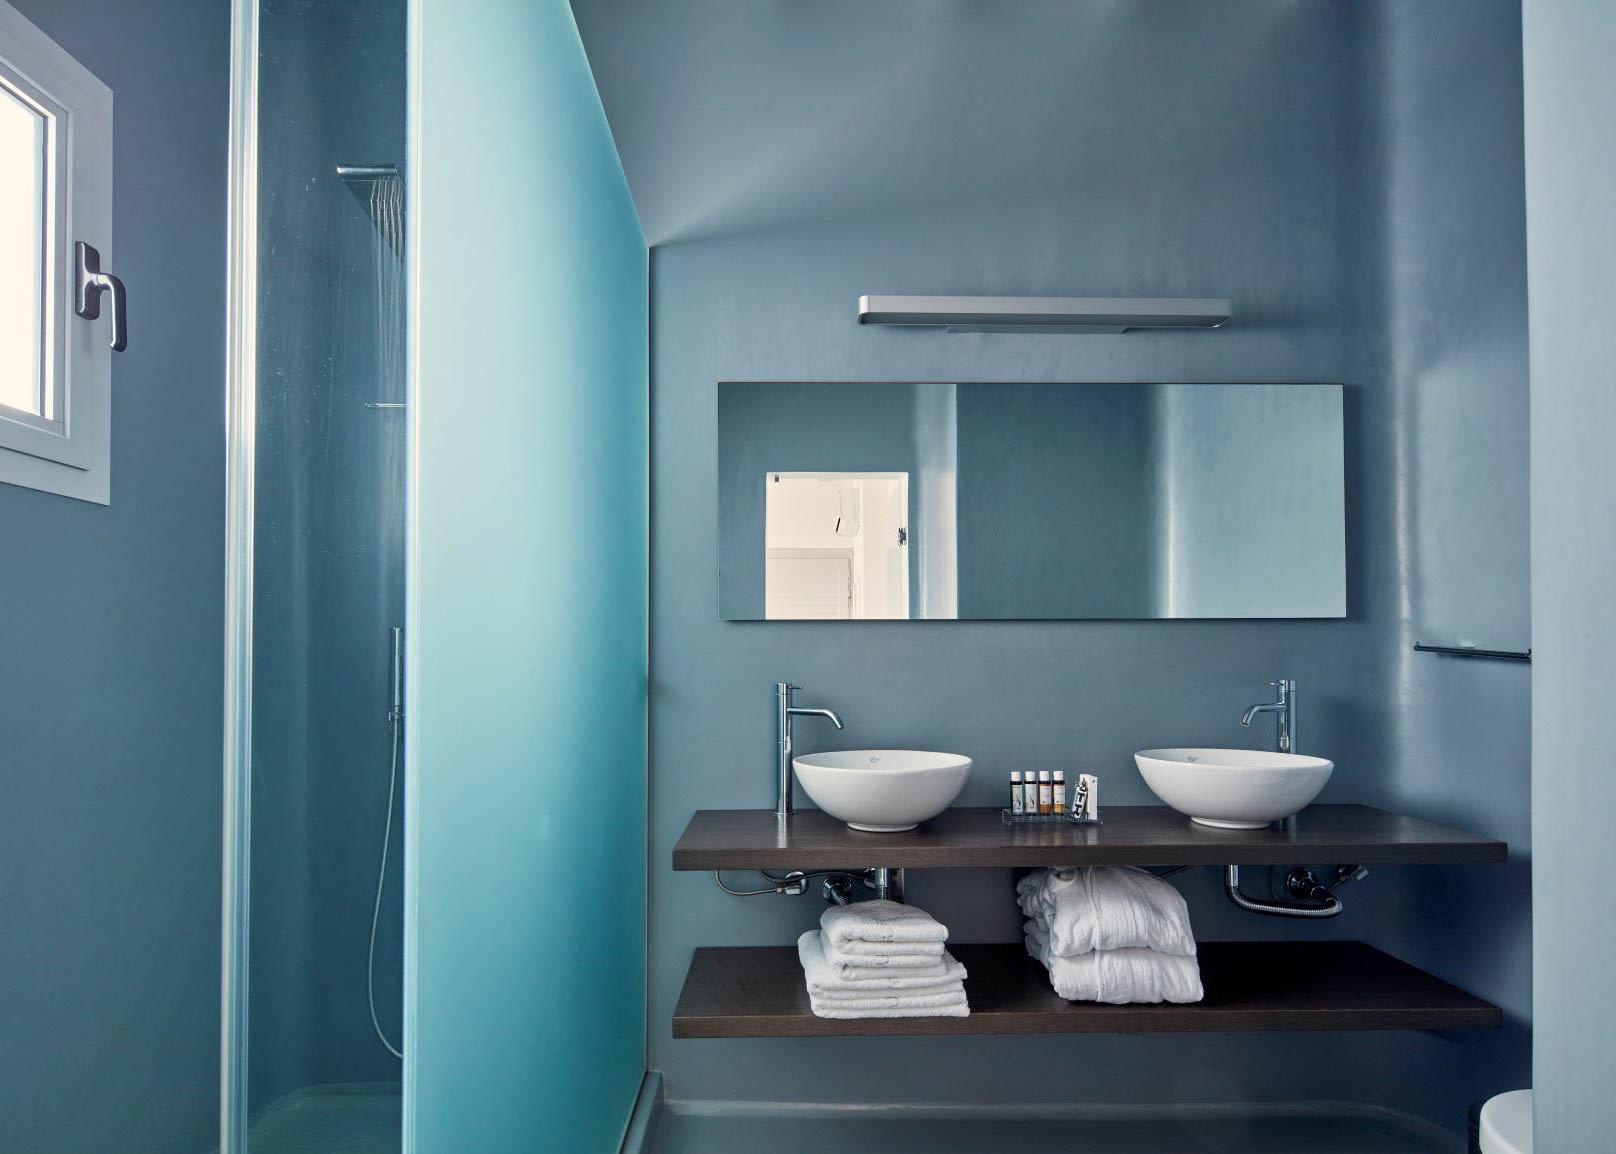 Deluxe Suite with outdoor jacuzzi bathroom